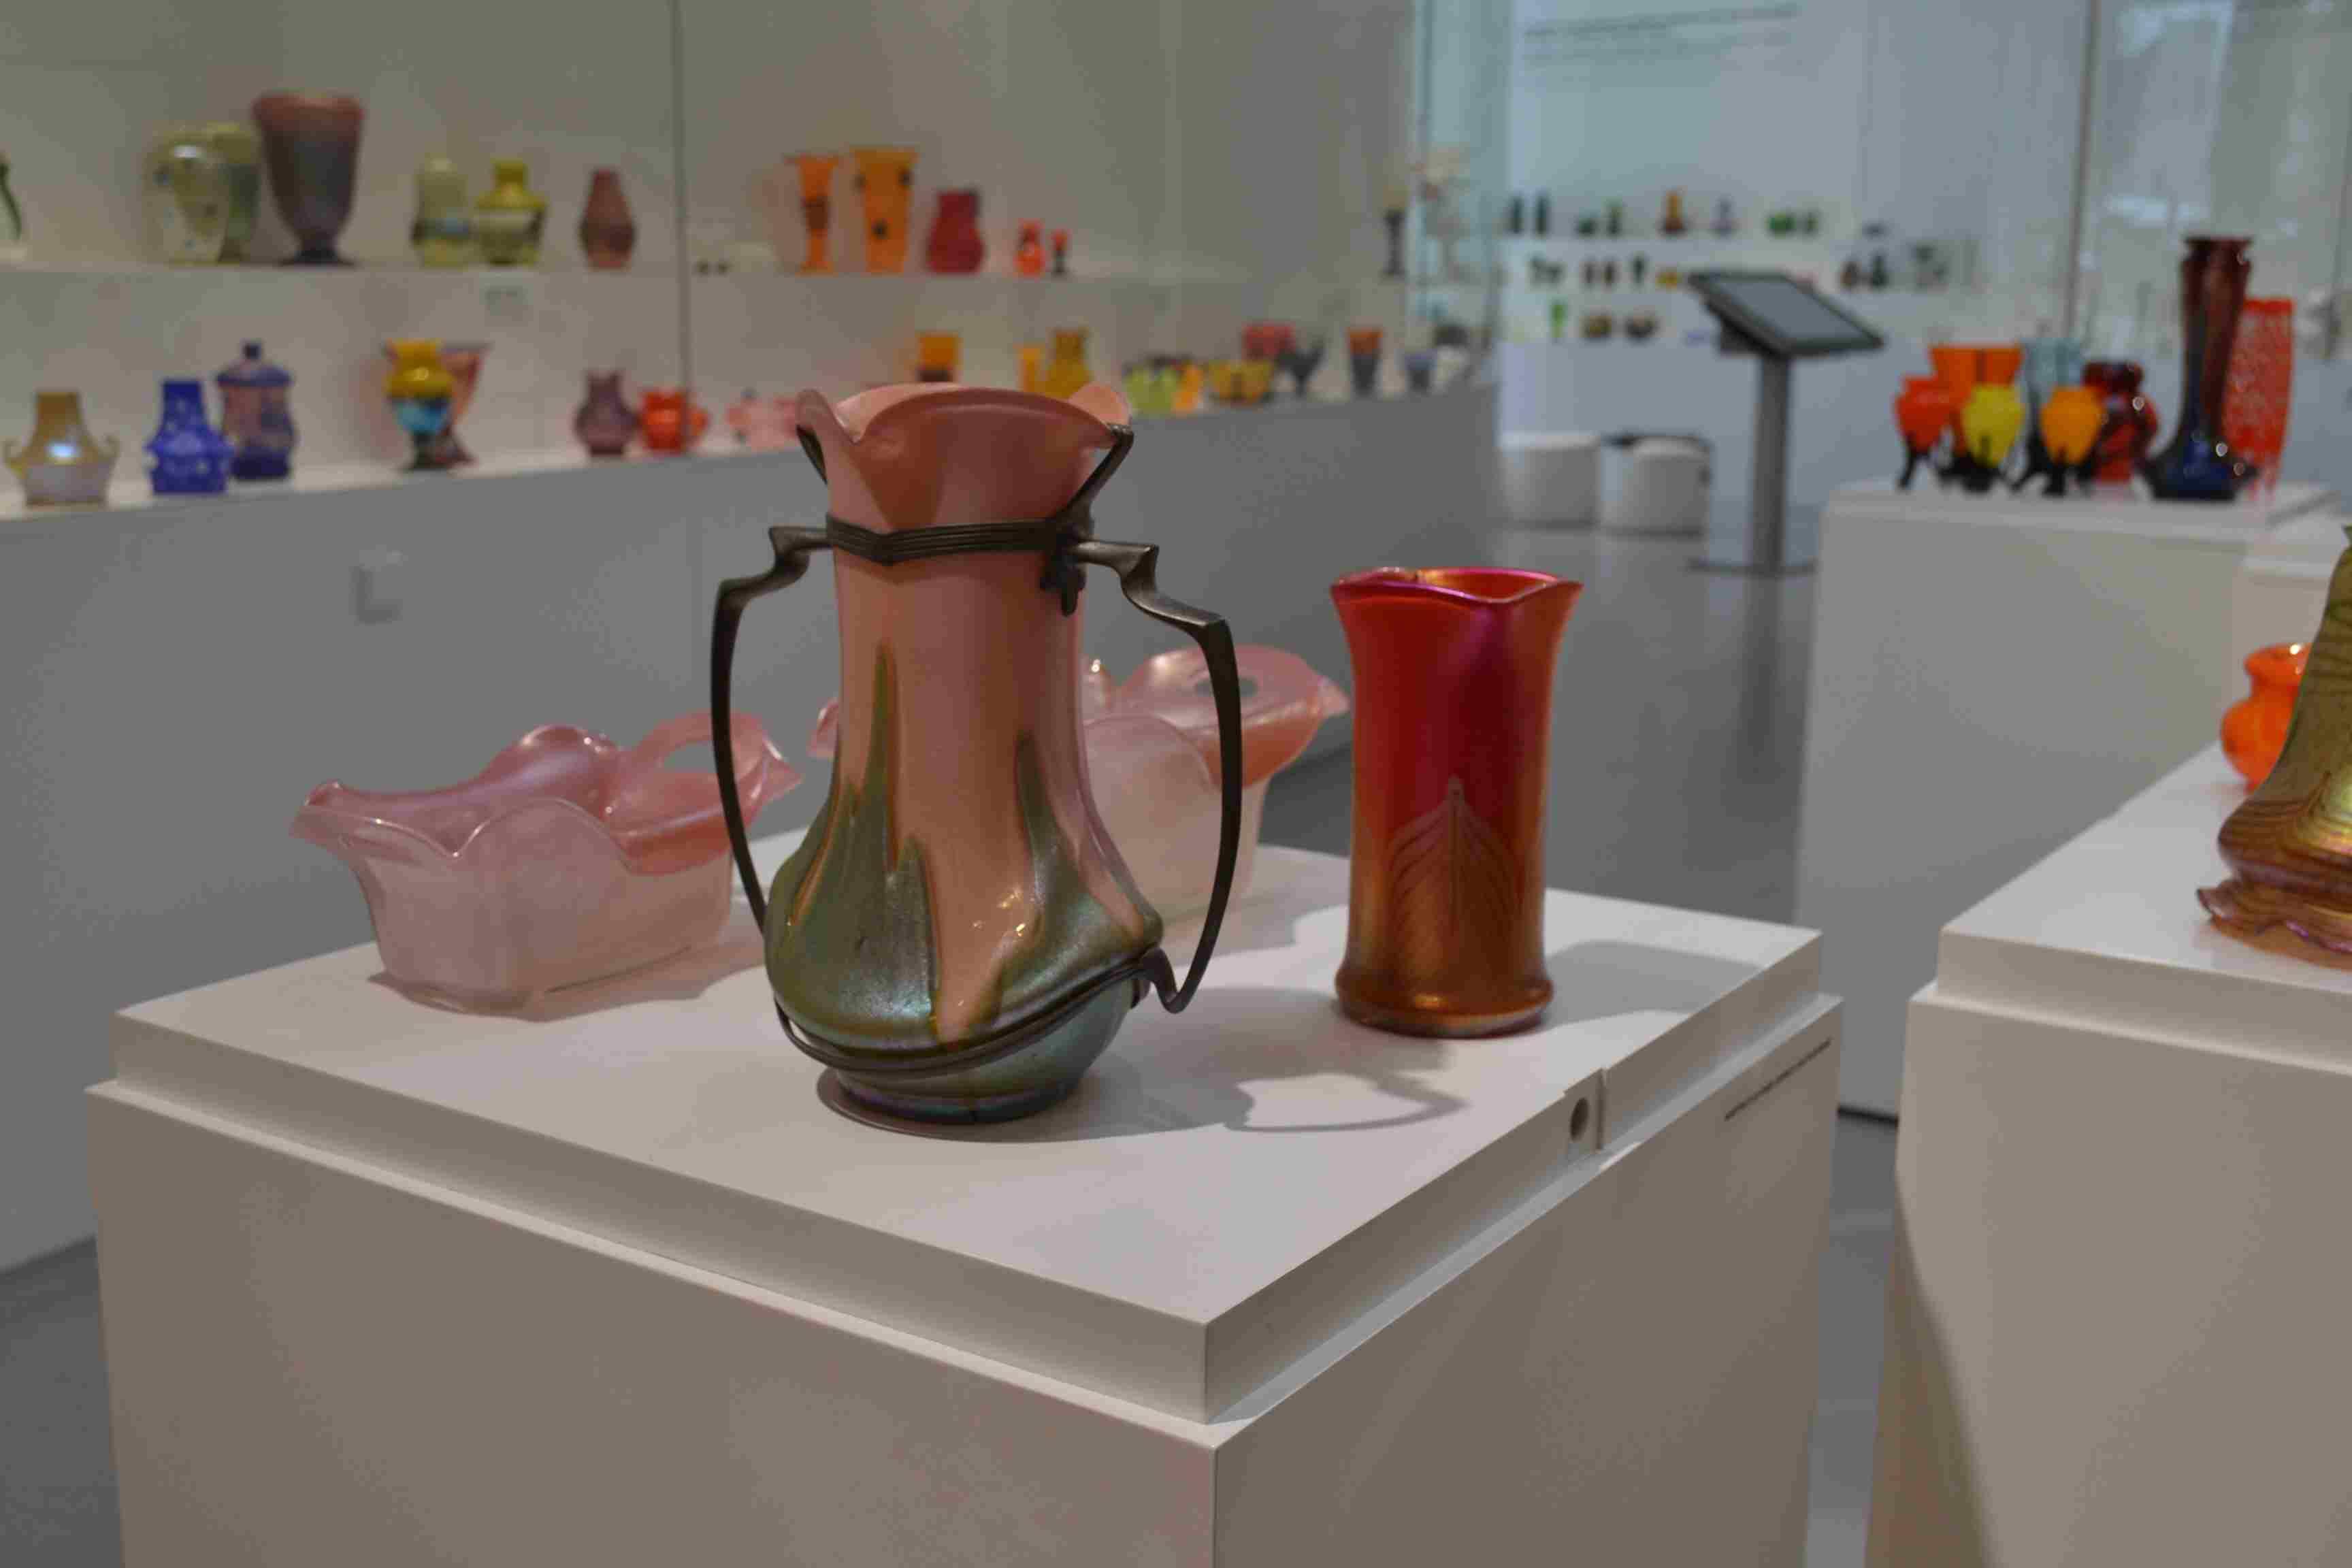 Kralik Glass Vase Of Va½stava Barevna Hry Skla Z Lenory V Klatovskam Pavilonu Skla with Pask Va½stava Lenorskaho Skla